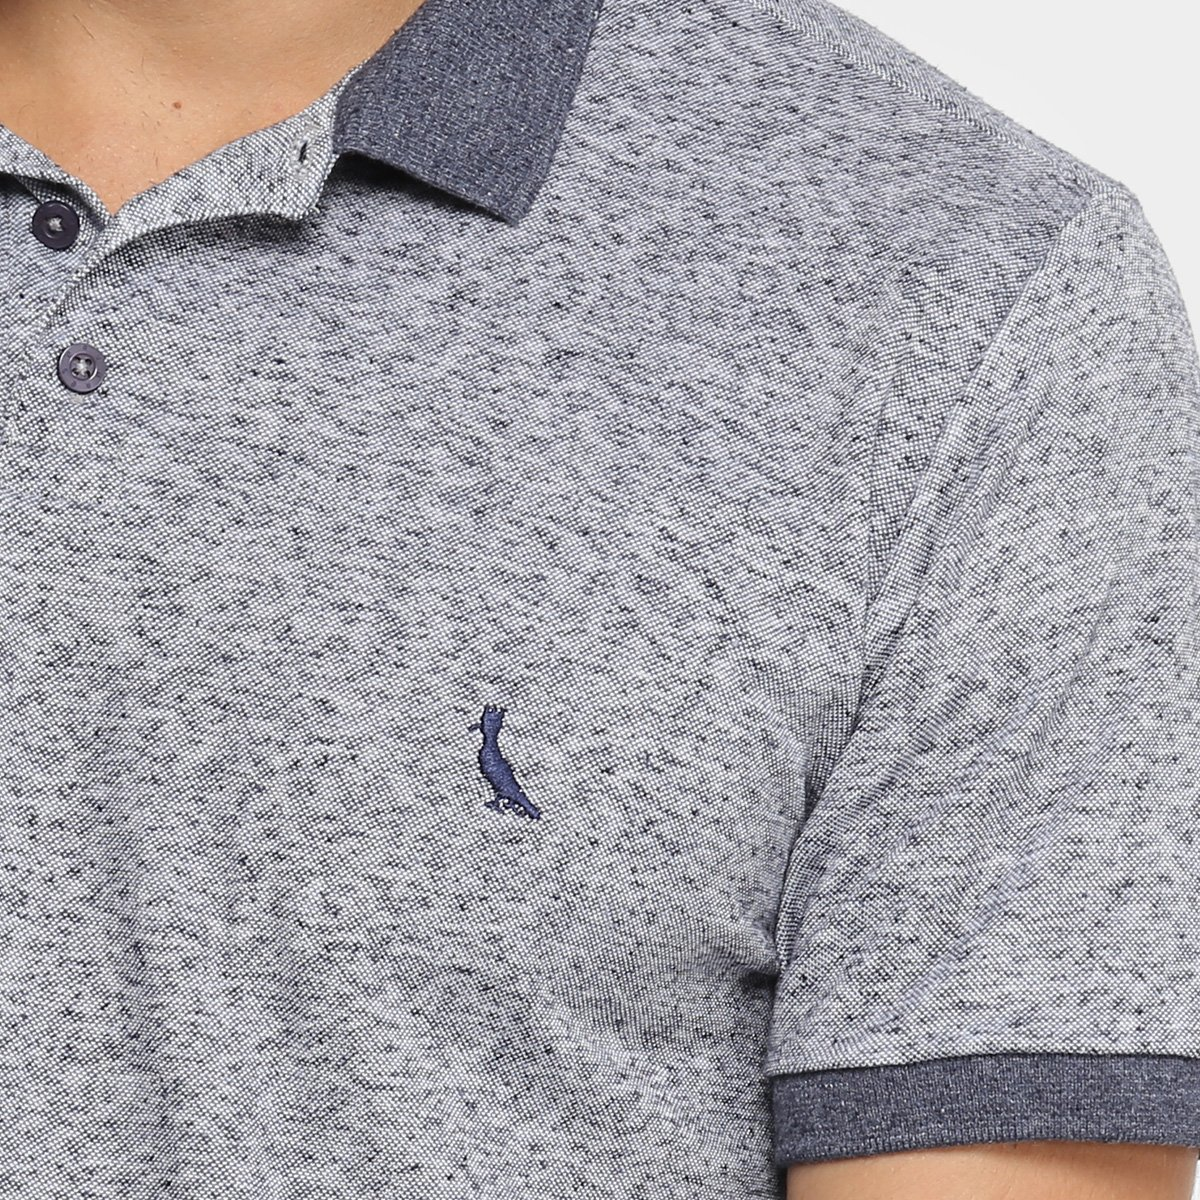 Camisa Polo Reserva Sustentavel Masculina - Marinho - Compre Agora ... b44f415ea0e37